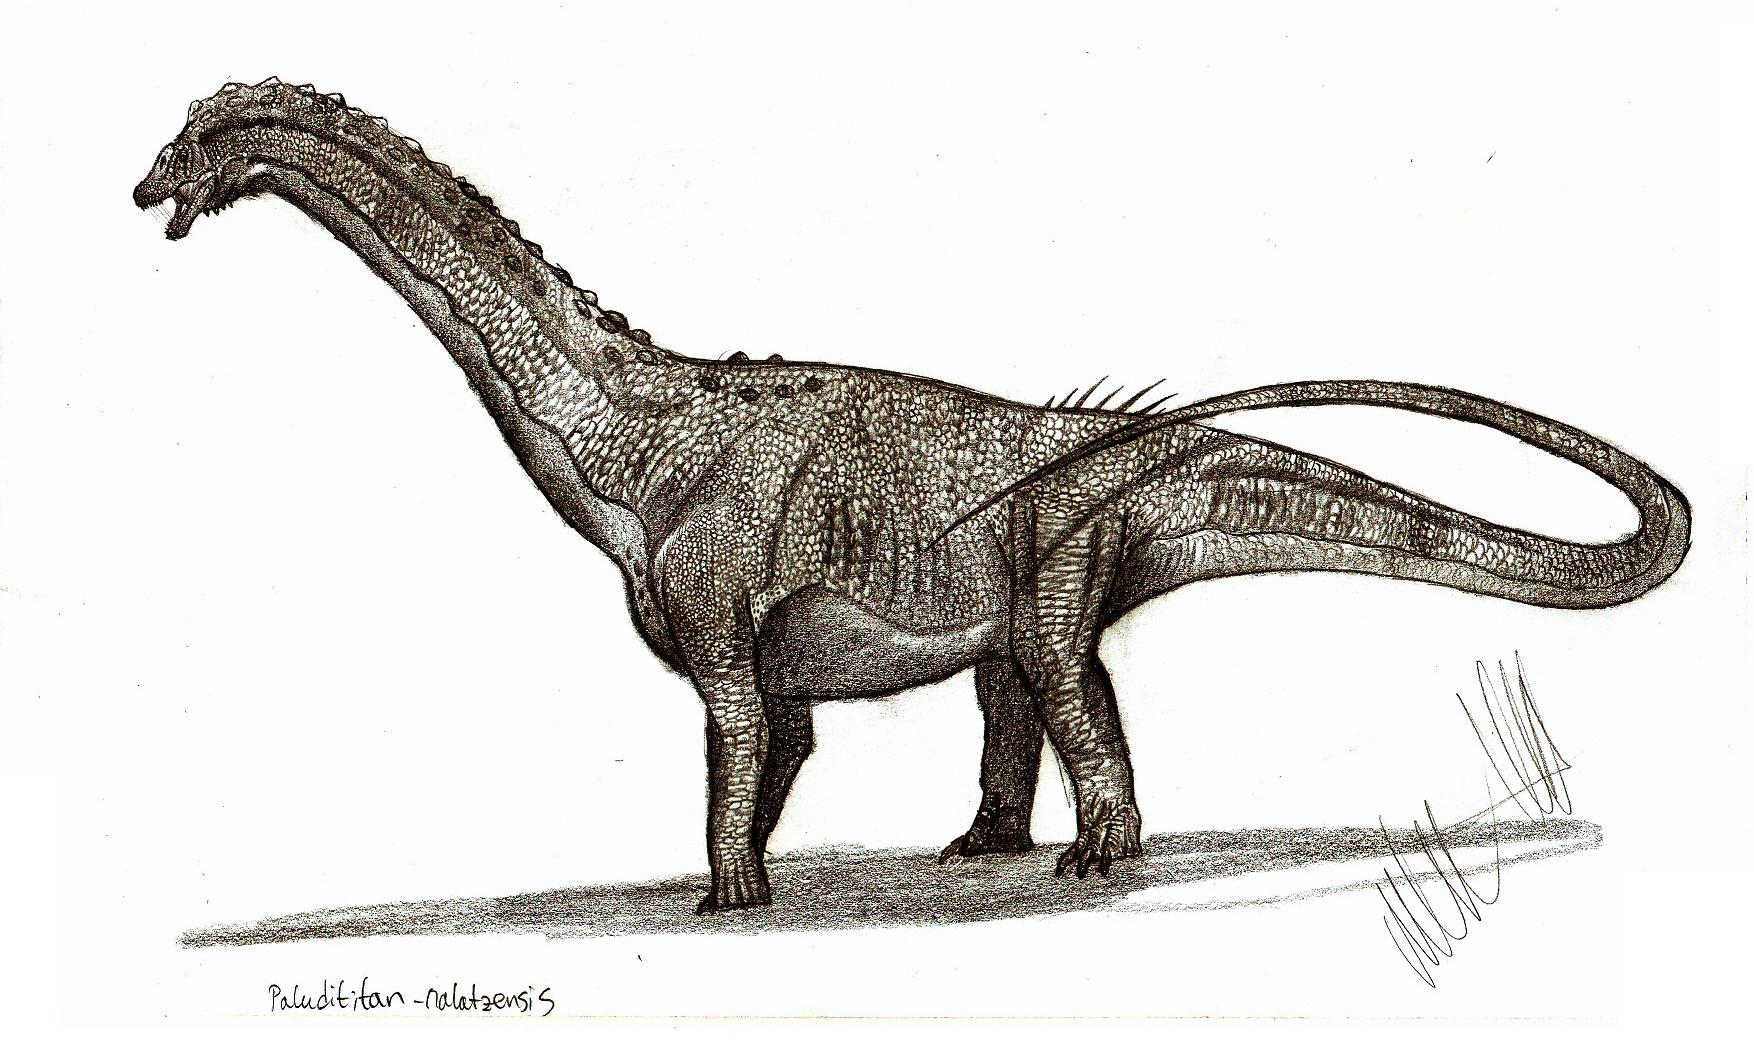 Paludititan nalatzensis - Beschreibung, Dinodata.de